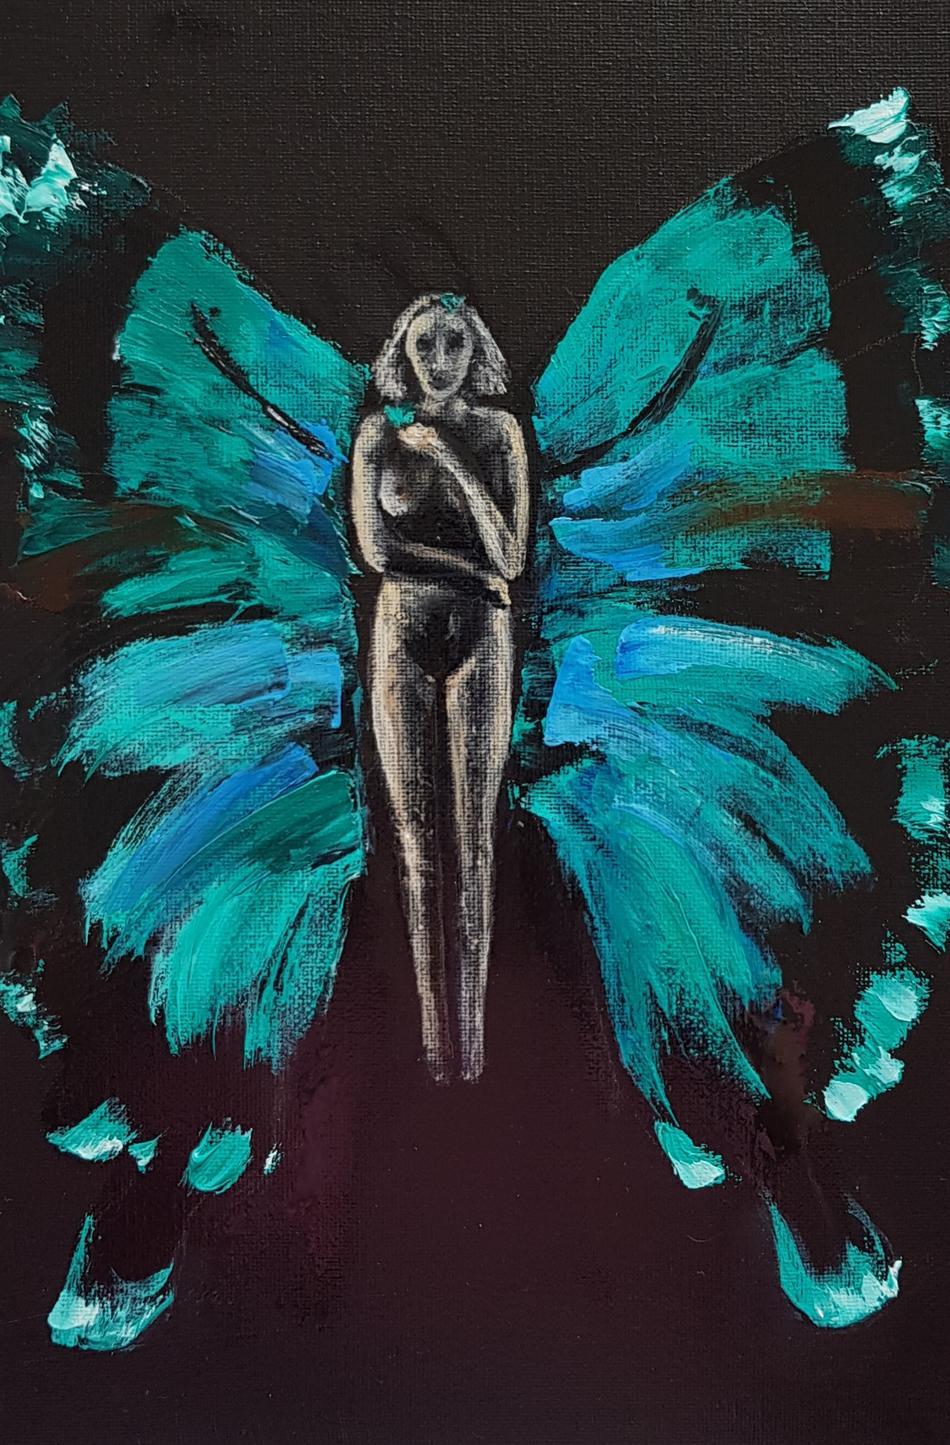 Green women butterfly